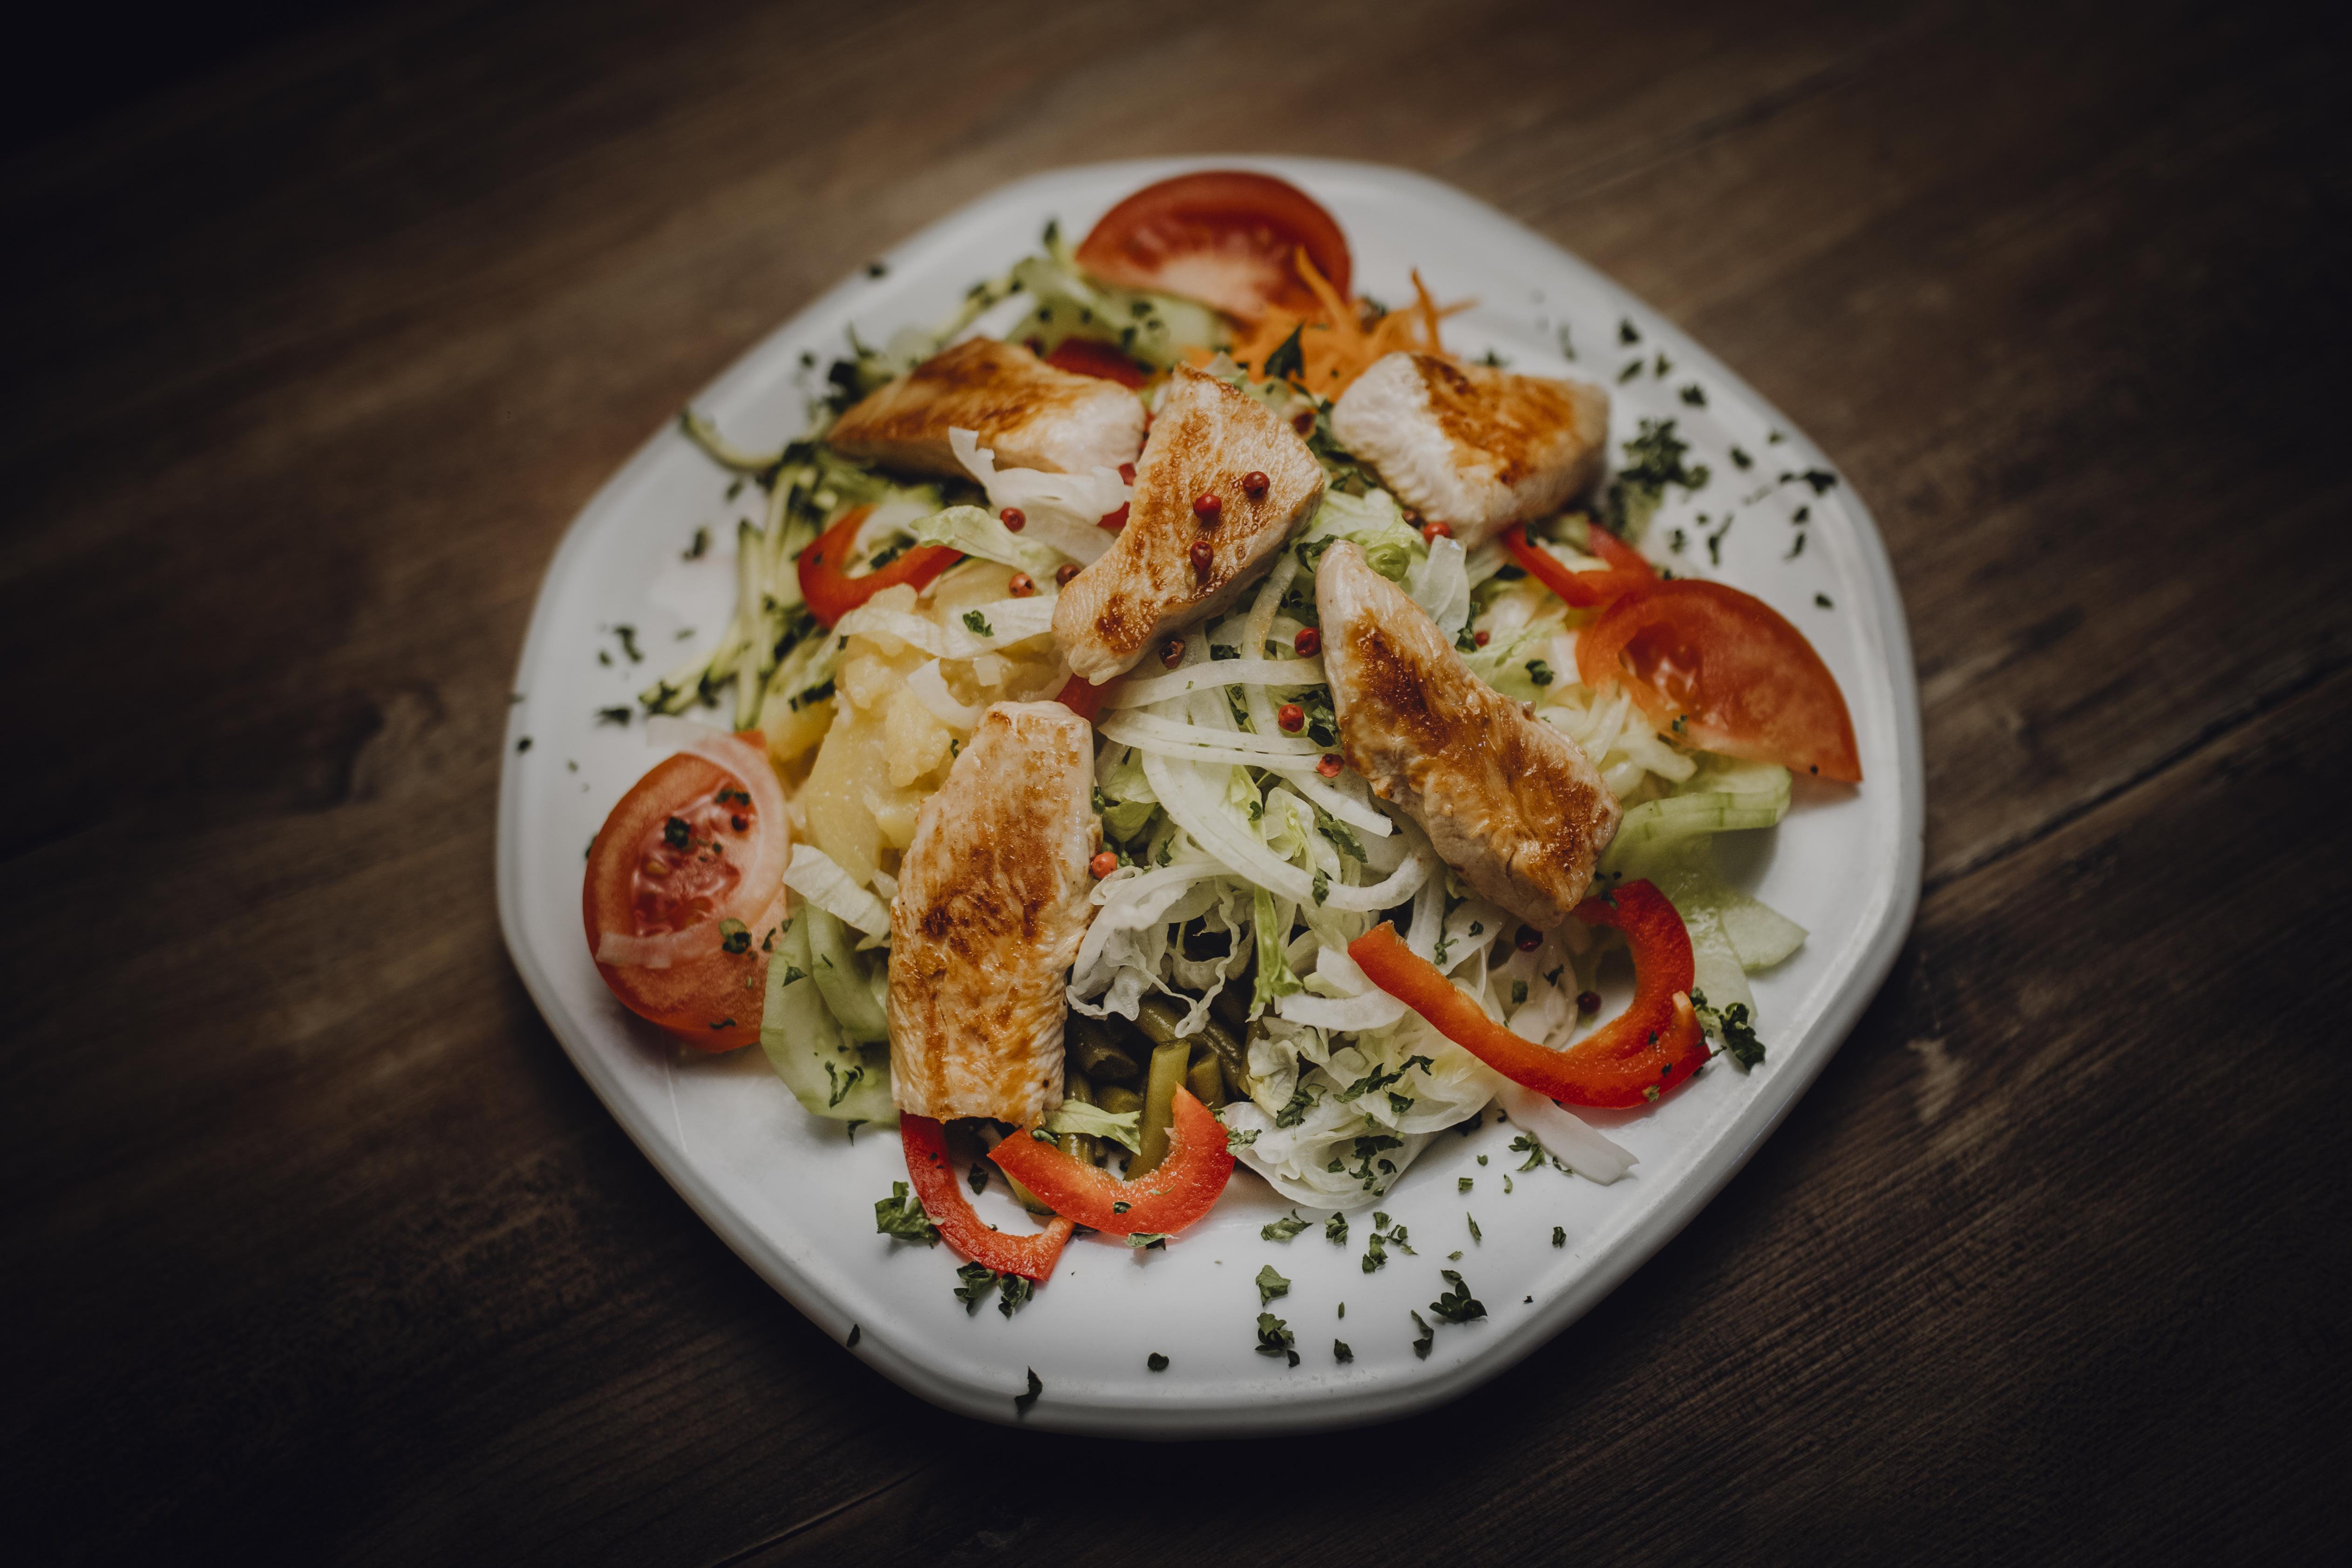 Salatplatte mit gebratenen Putenstreifen